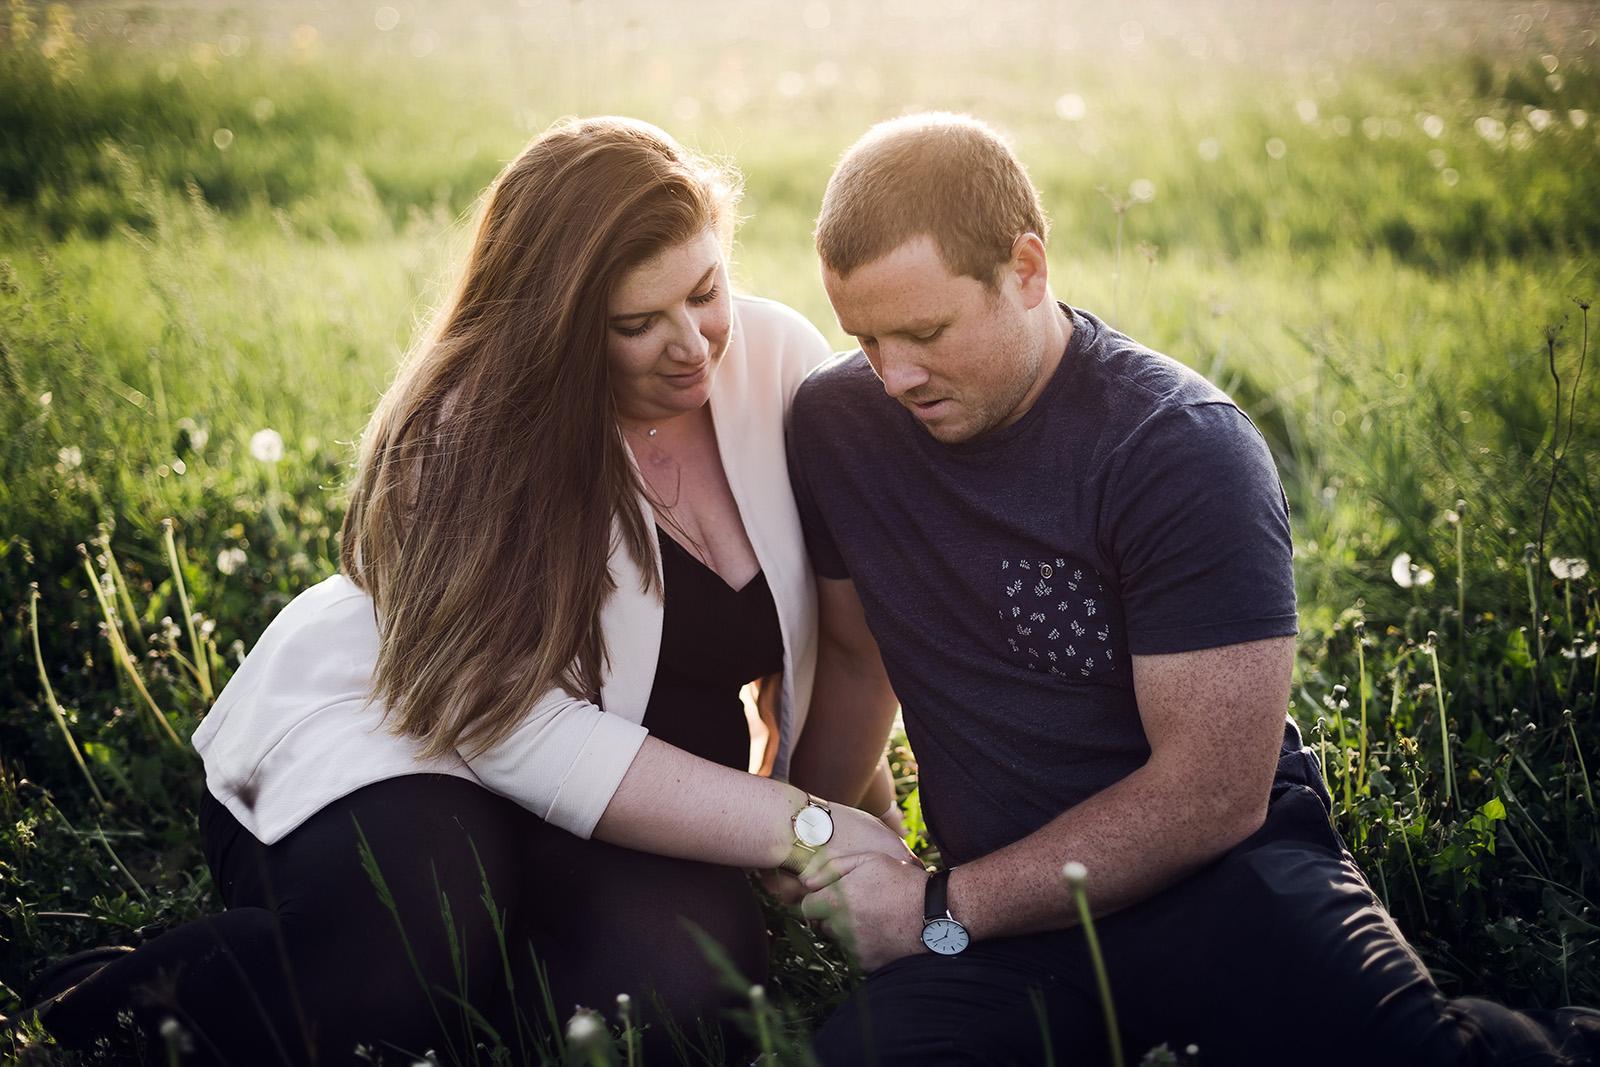 seance-photo-engagement-love-session-couple-mariage-lyon-auvergne-rhone-alpes-photographe-elise-julliard-wedding-photographer-3